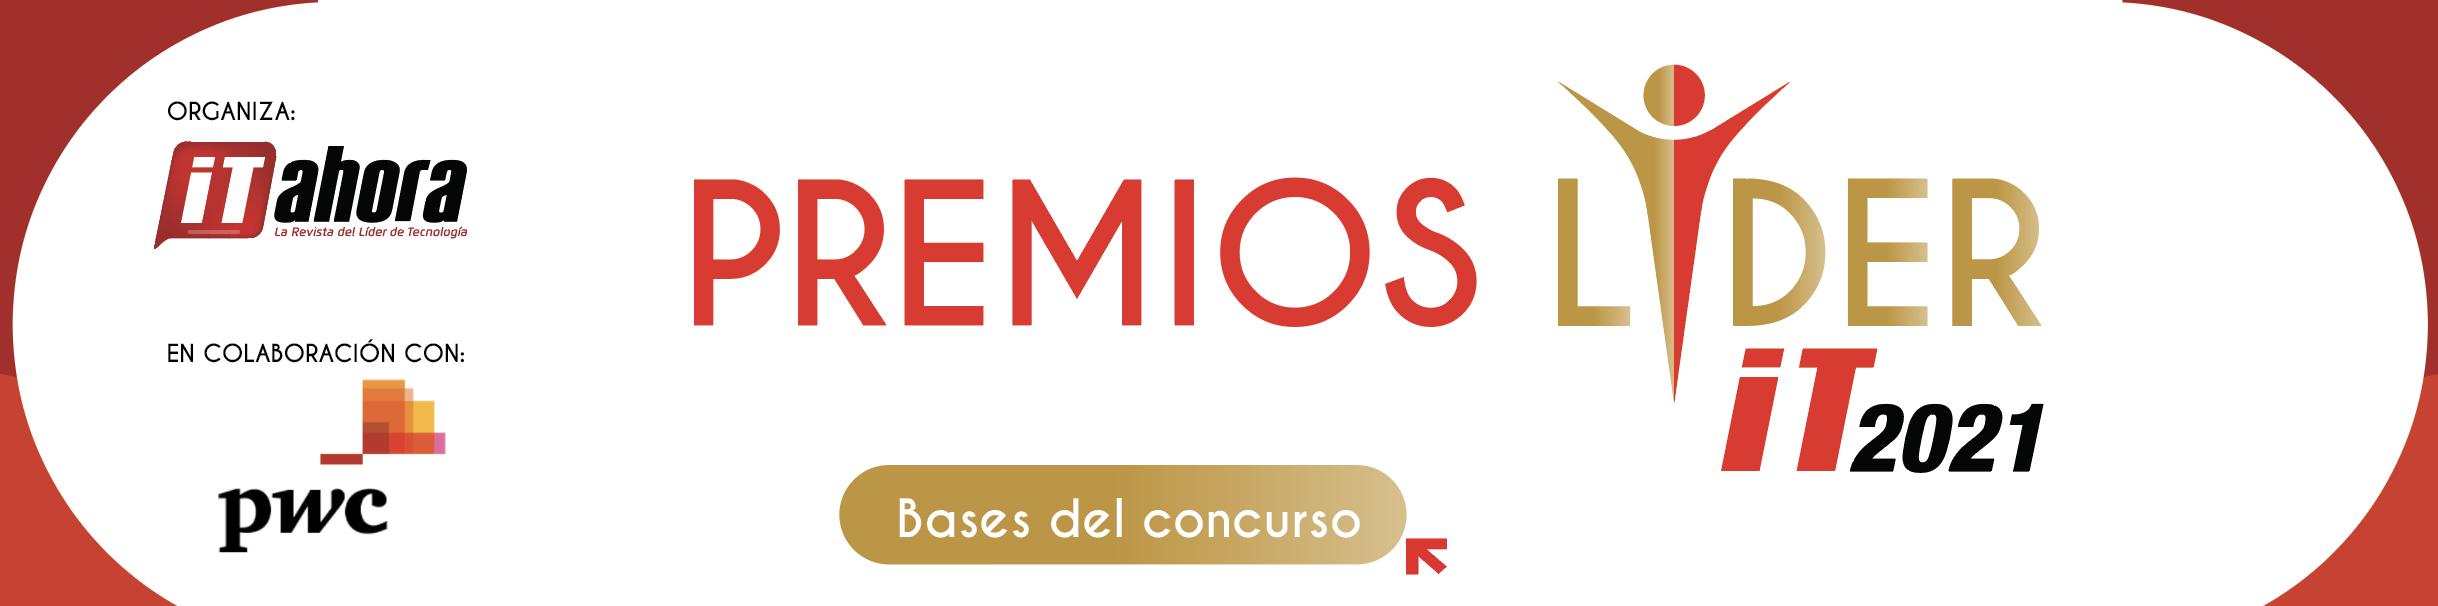 Premios lider it ecuador 2021